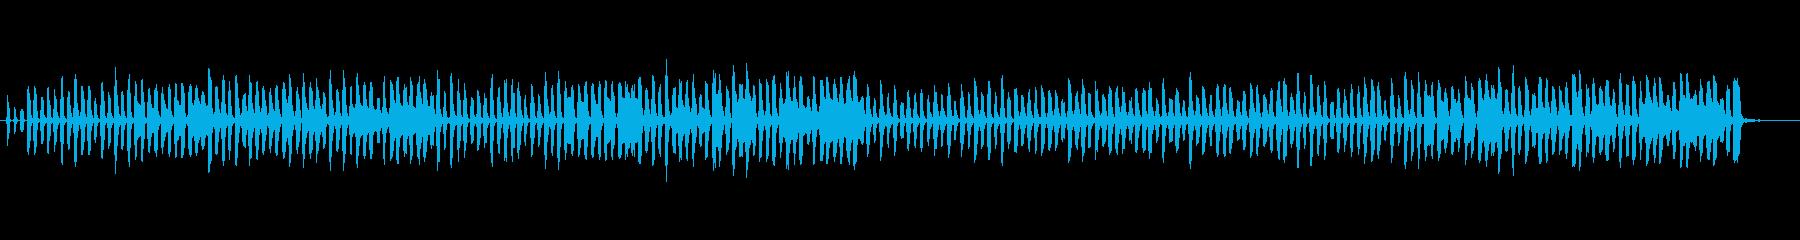 ほのぼのリコーダーピアノ聖者の行進の再生済みの波形